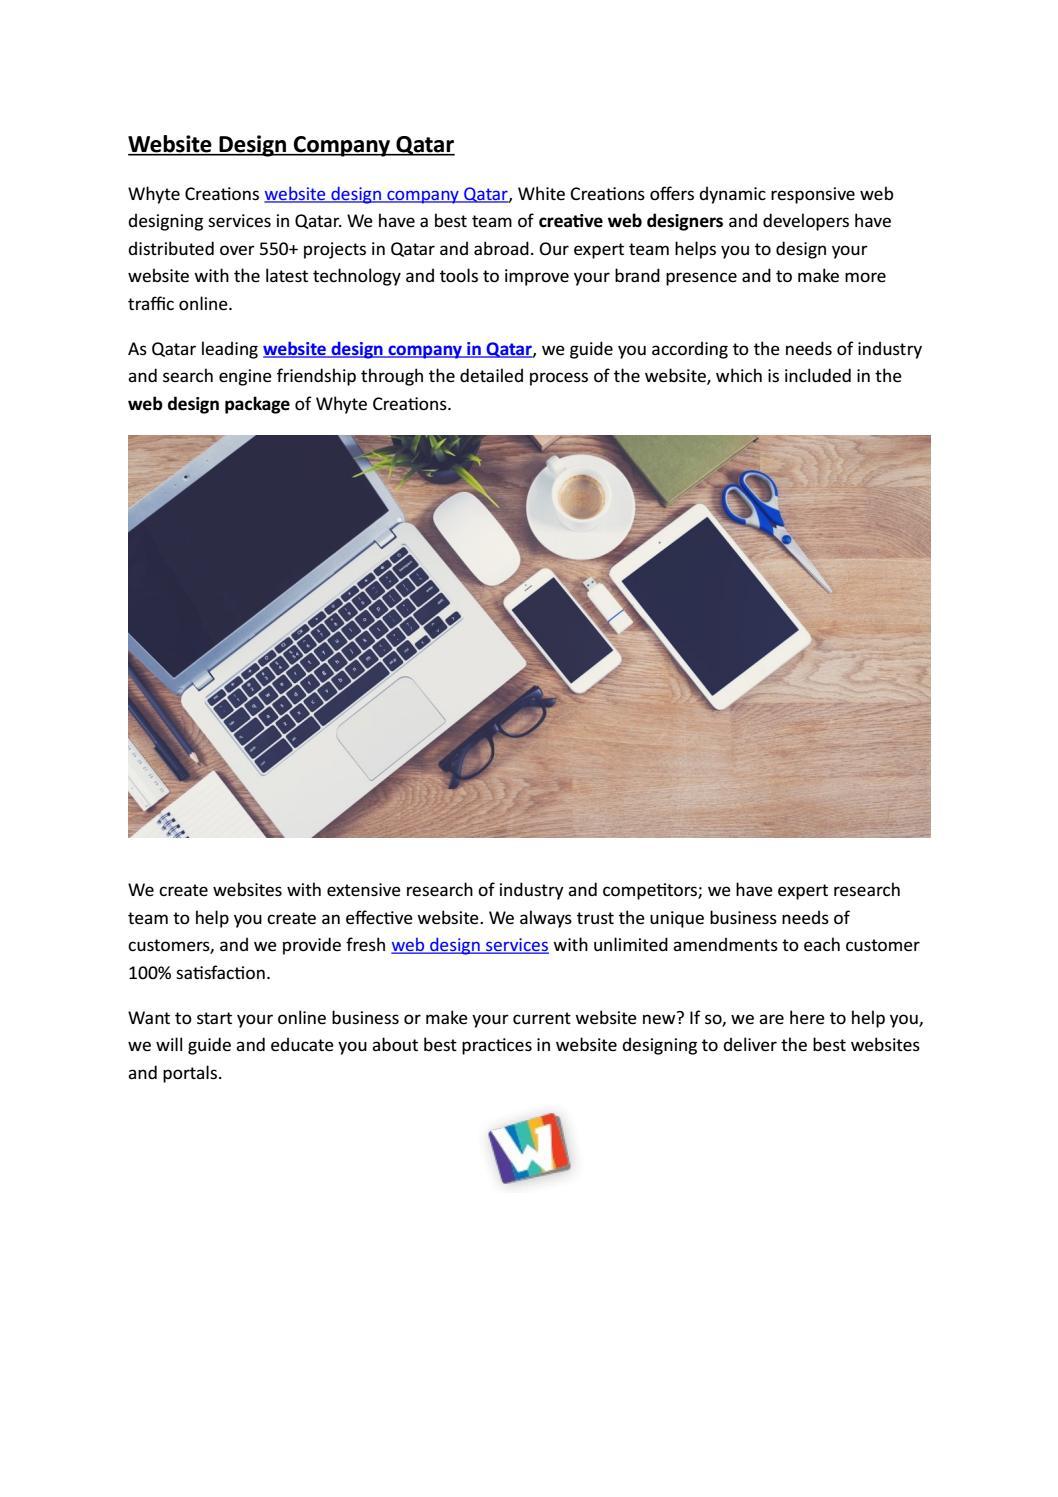 Website Design Company Qatar By Allu Sakib Issuu